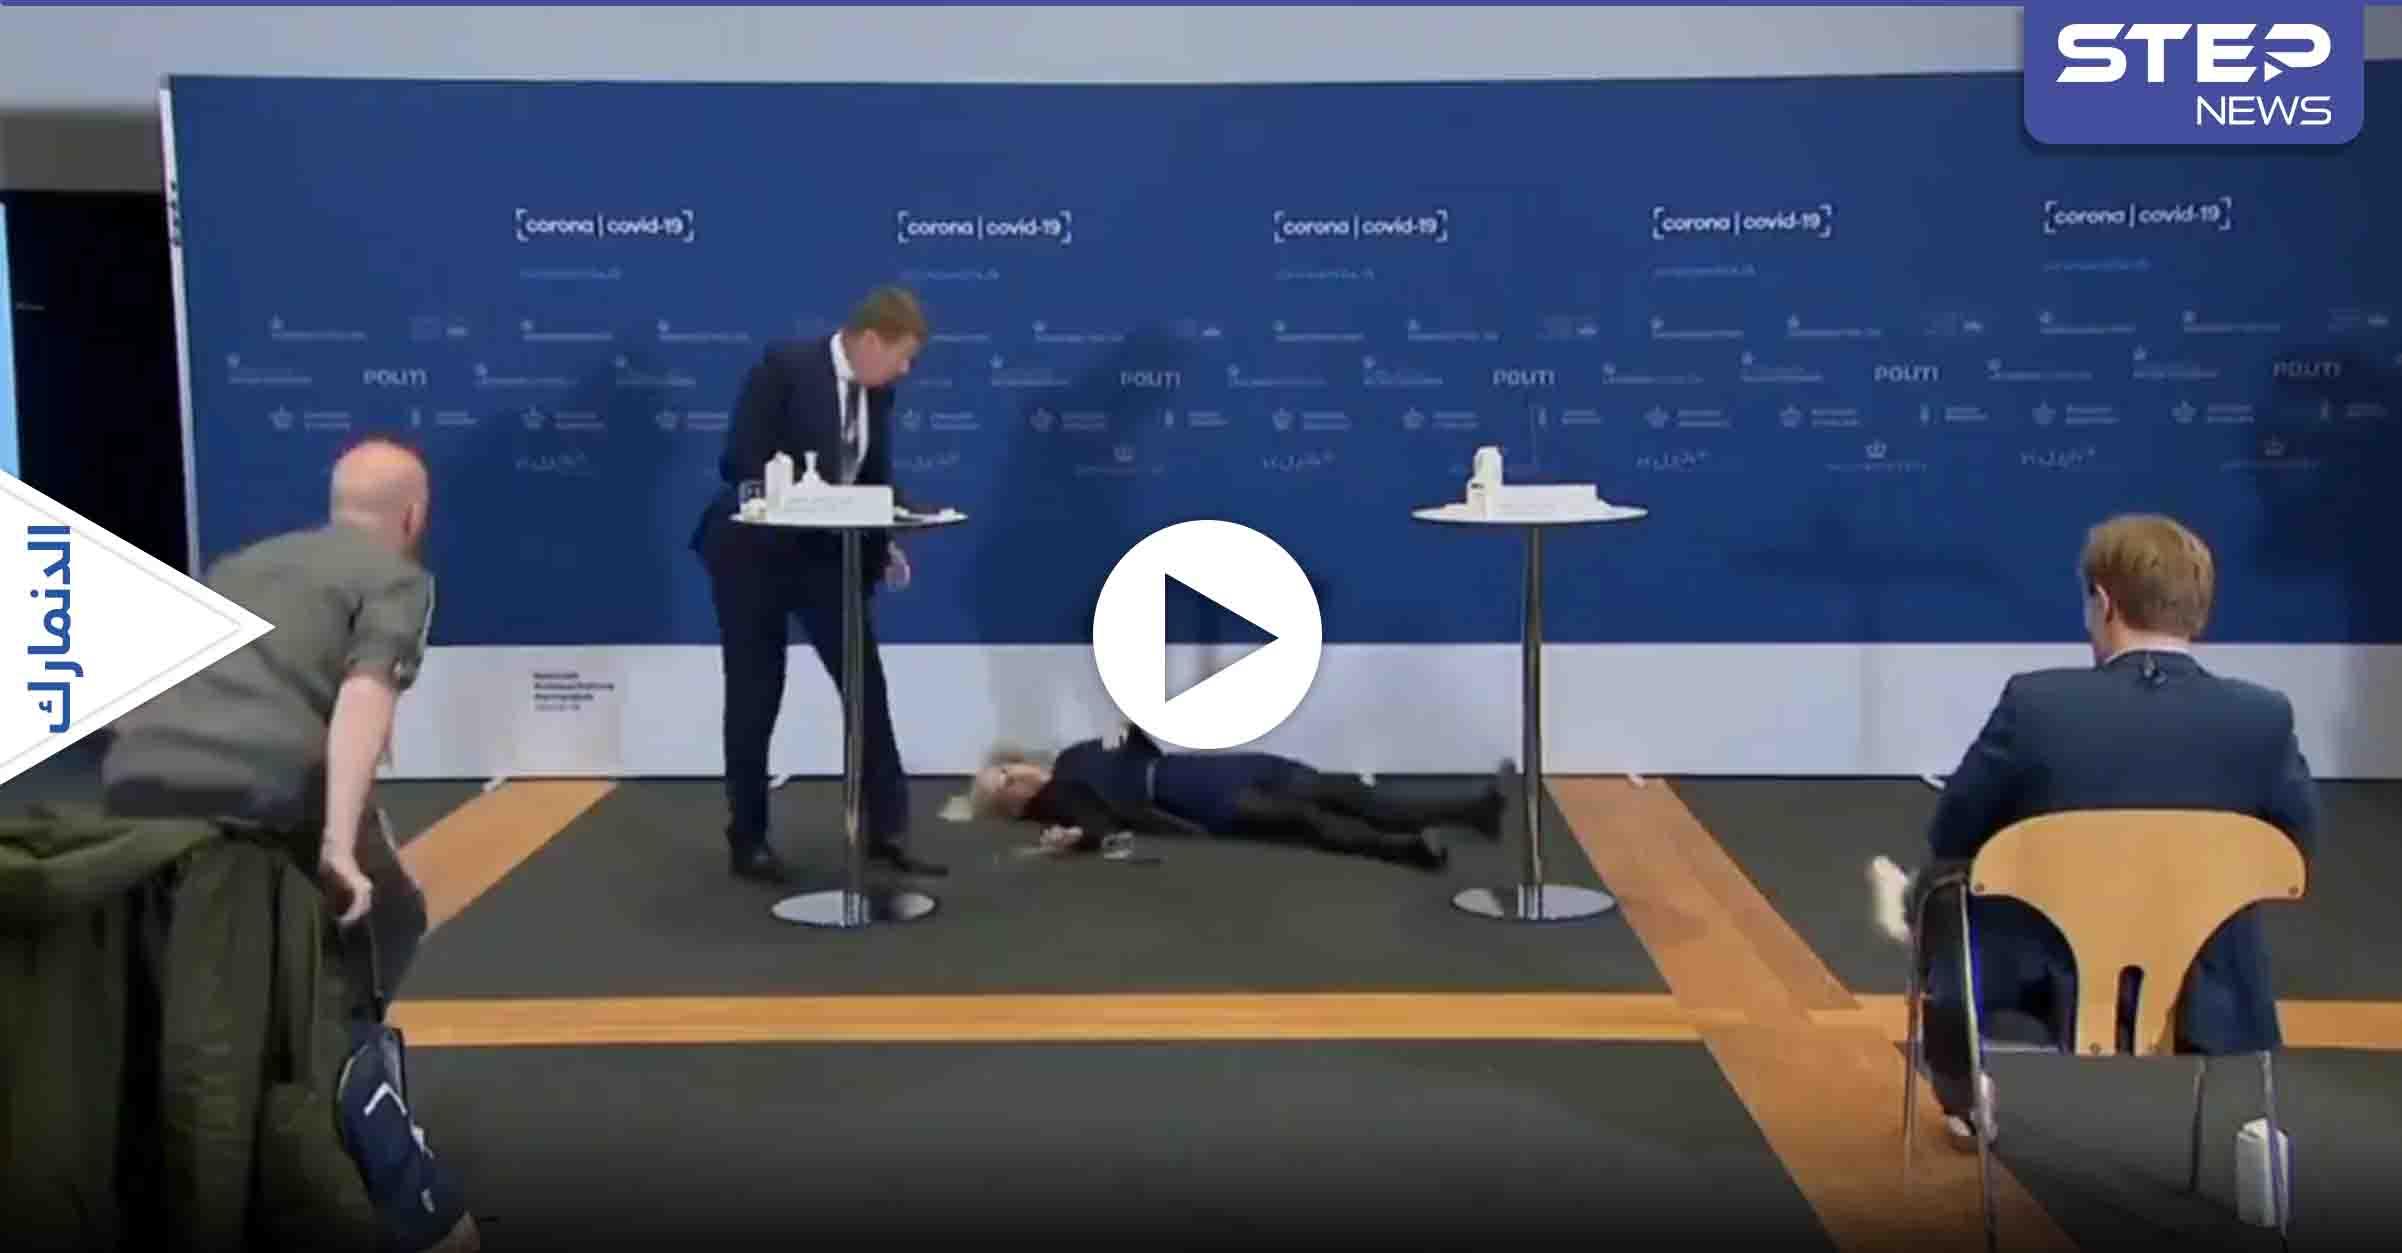 بالفيديو || مسؤولة دنماركية تسقط أرضًا خلال مؤتمر صحفي